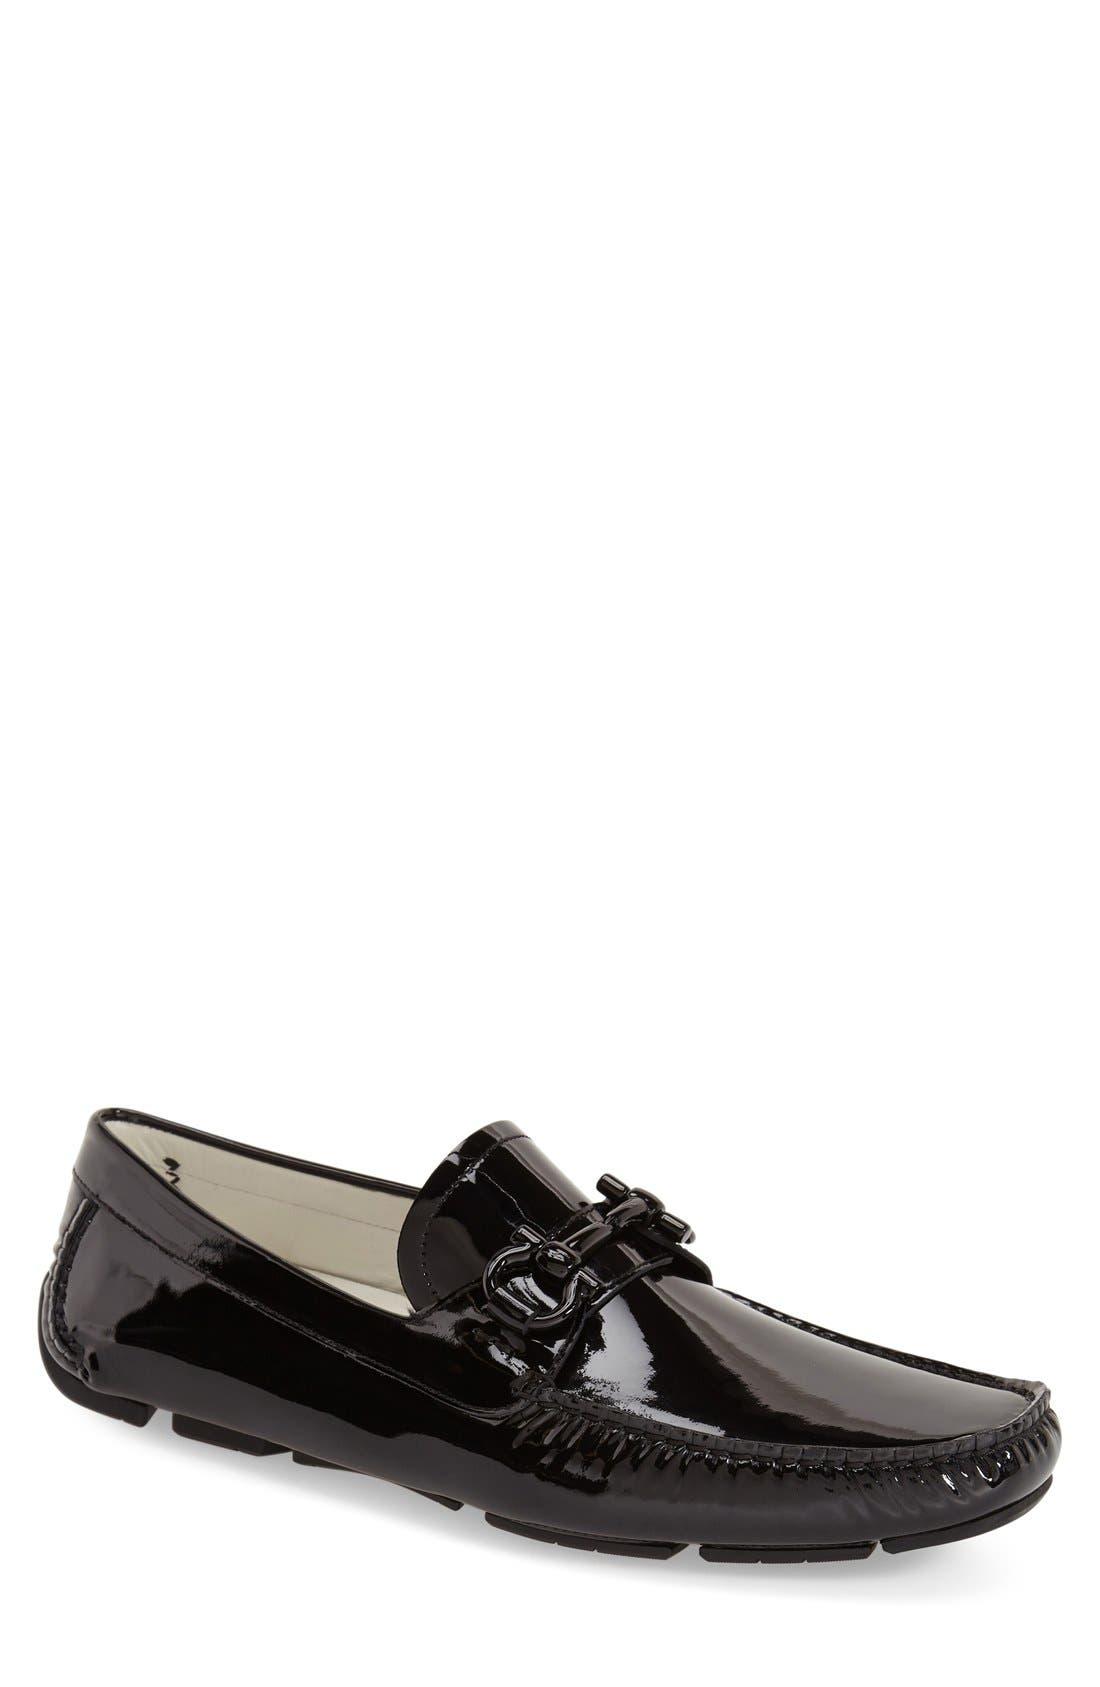 Alternate Image 1 Selected - Salvatore Ferragamo 'Parigi' Patent Leather Driving Shoe (Men)